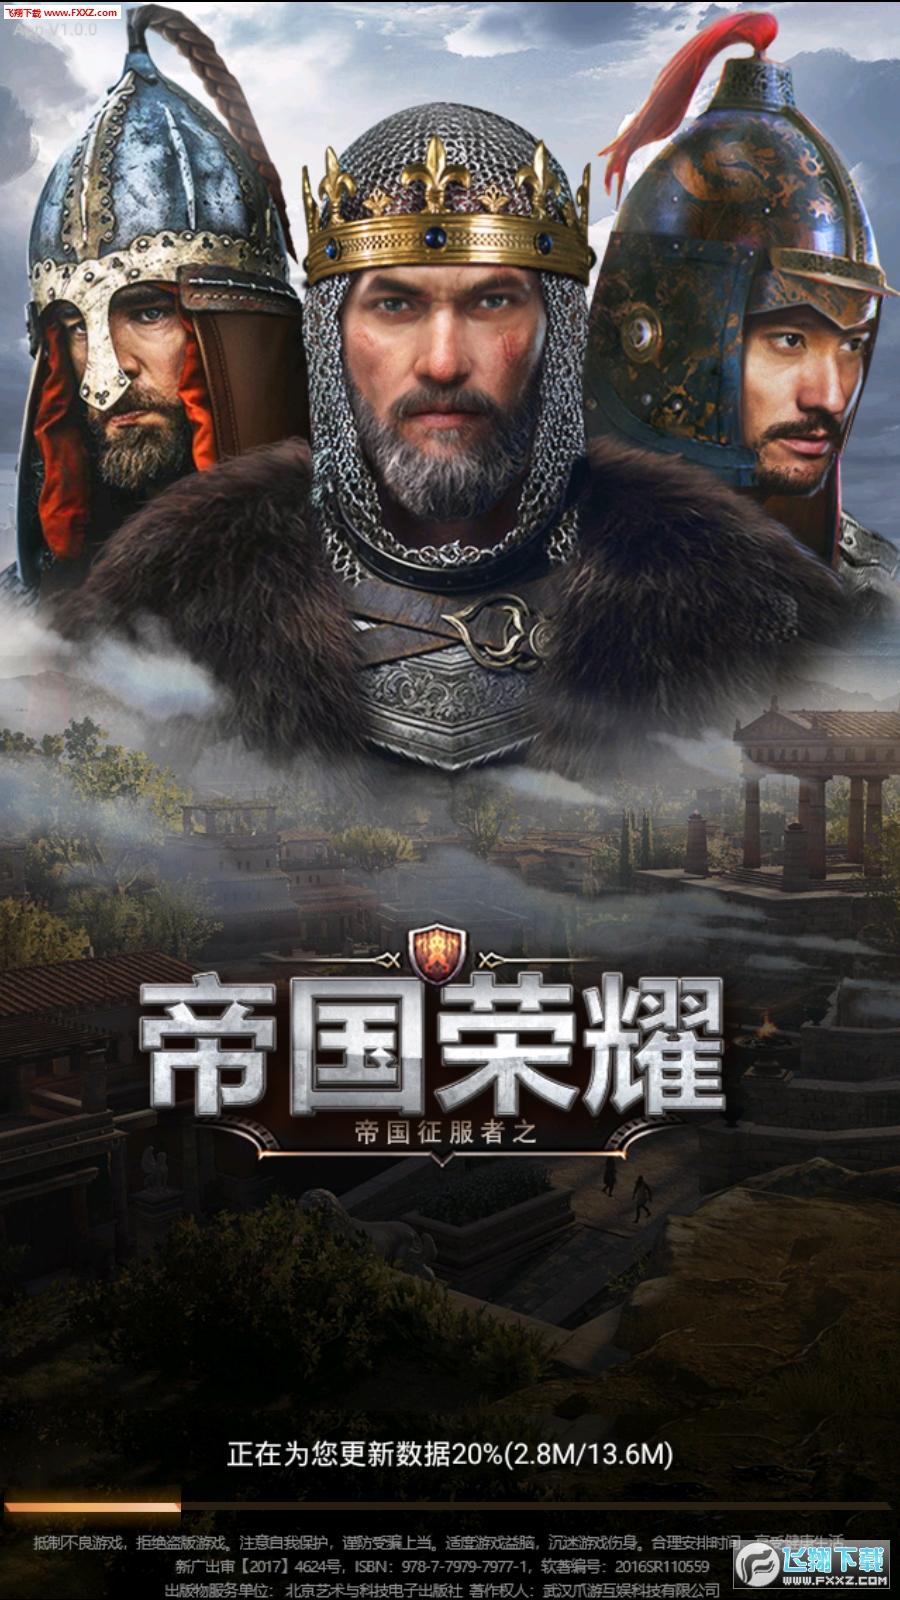 帝国征服者之帝国荣耀手游v2.0.1截图0